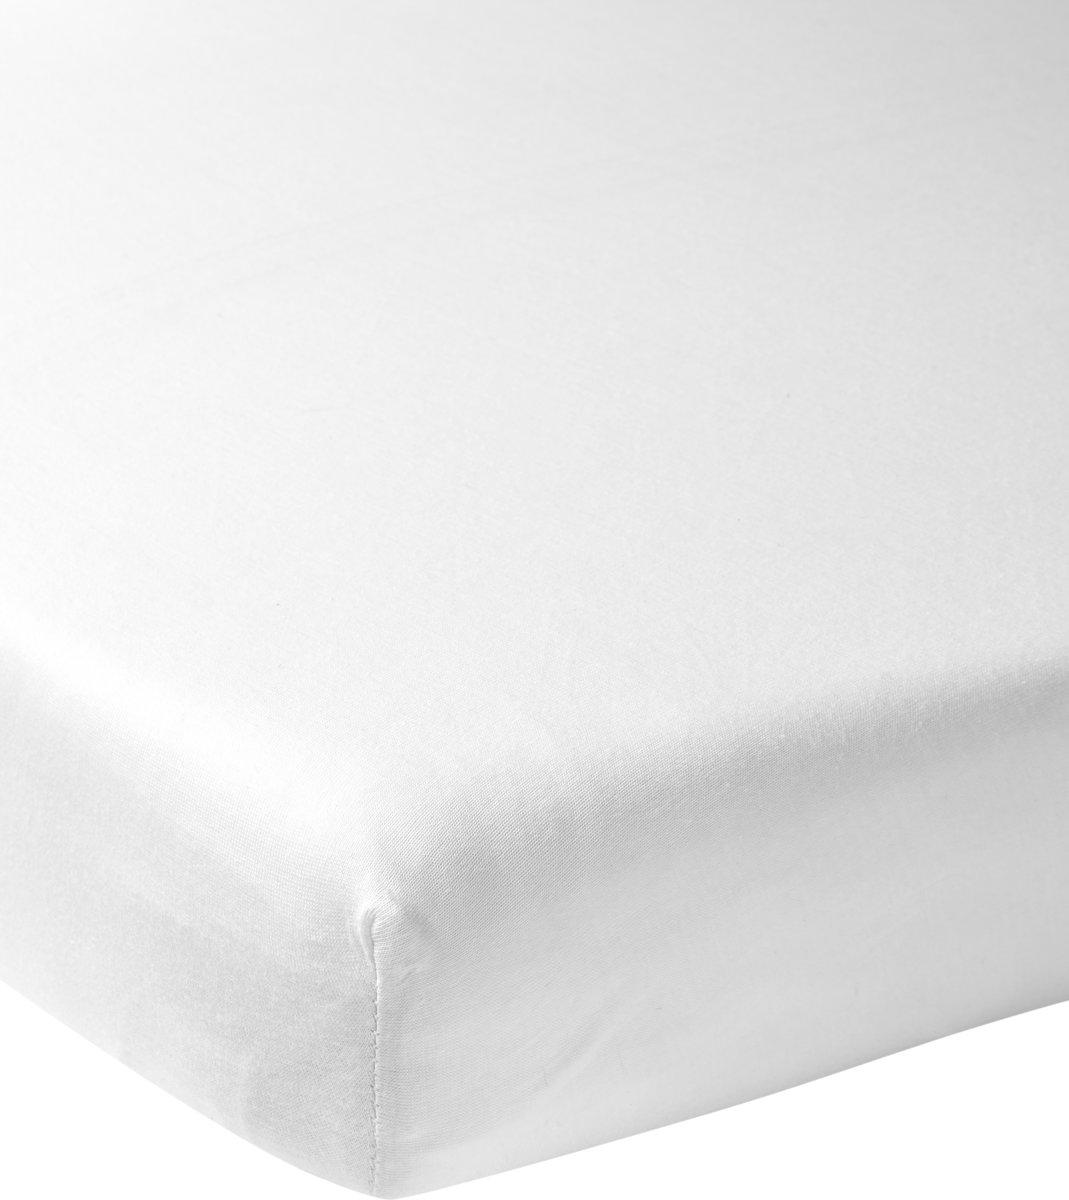 Meyco jersey hoeslaken - 70 x 140/150 cm - wit